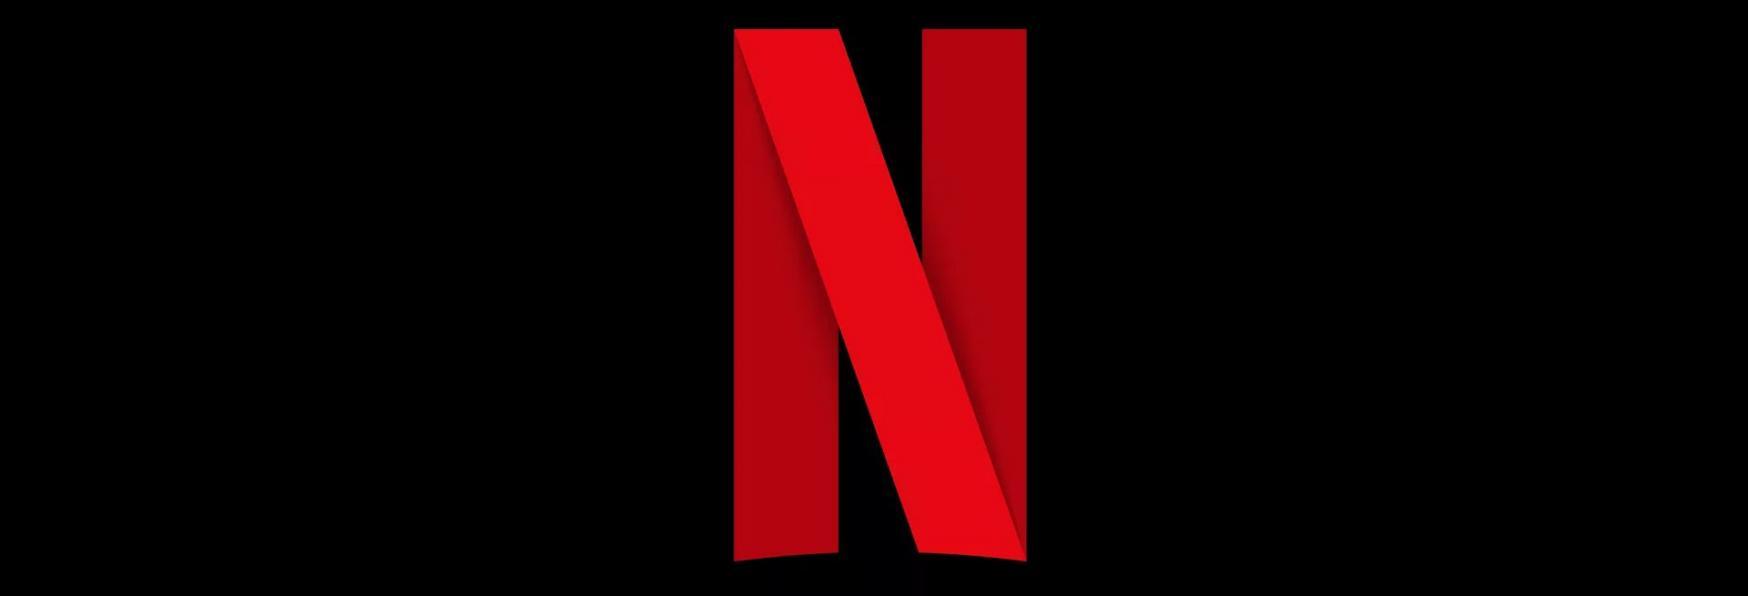 King of Spies: in Arrivo su Netflix la nuova Serie TV in Collaborazione con Mark Millar